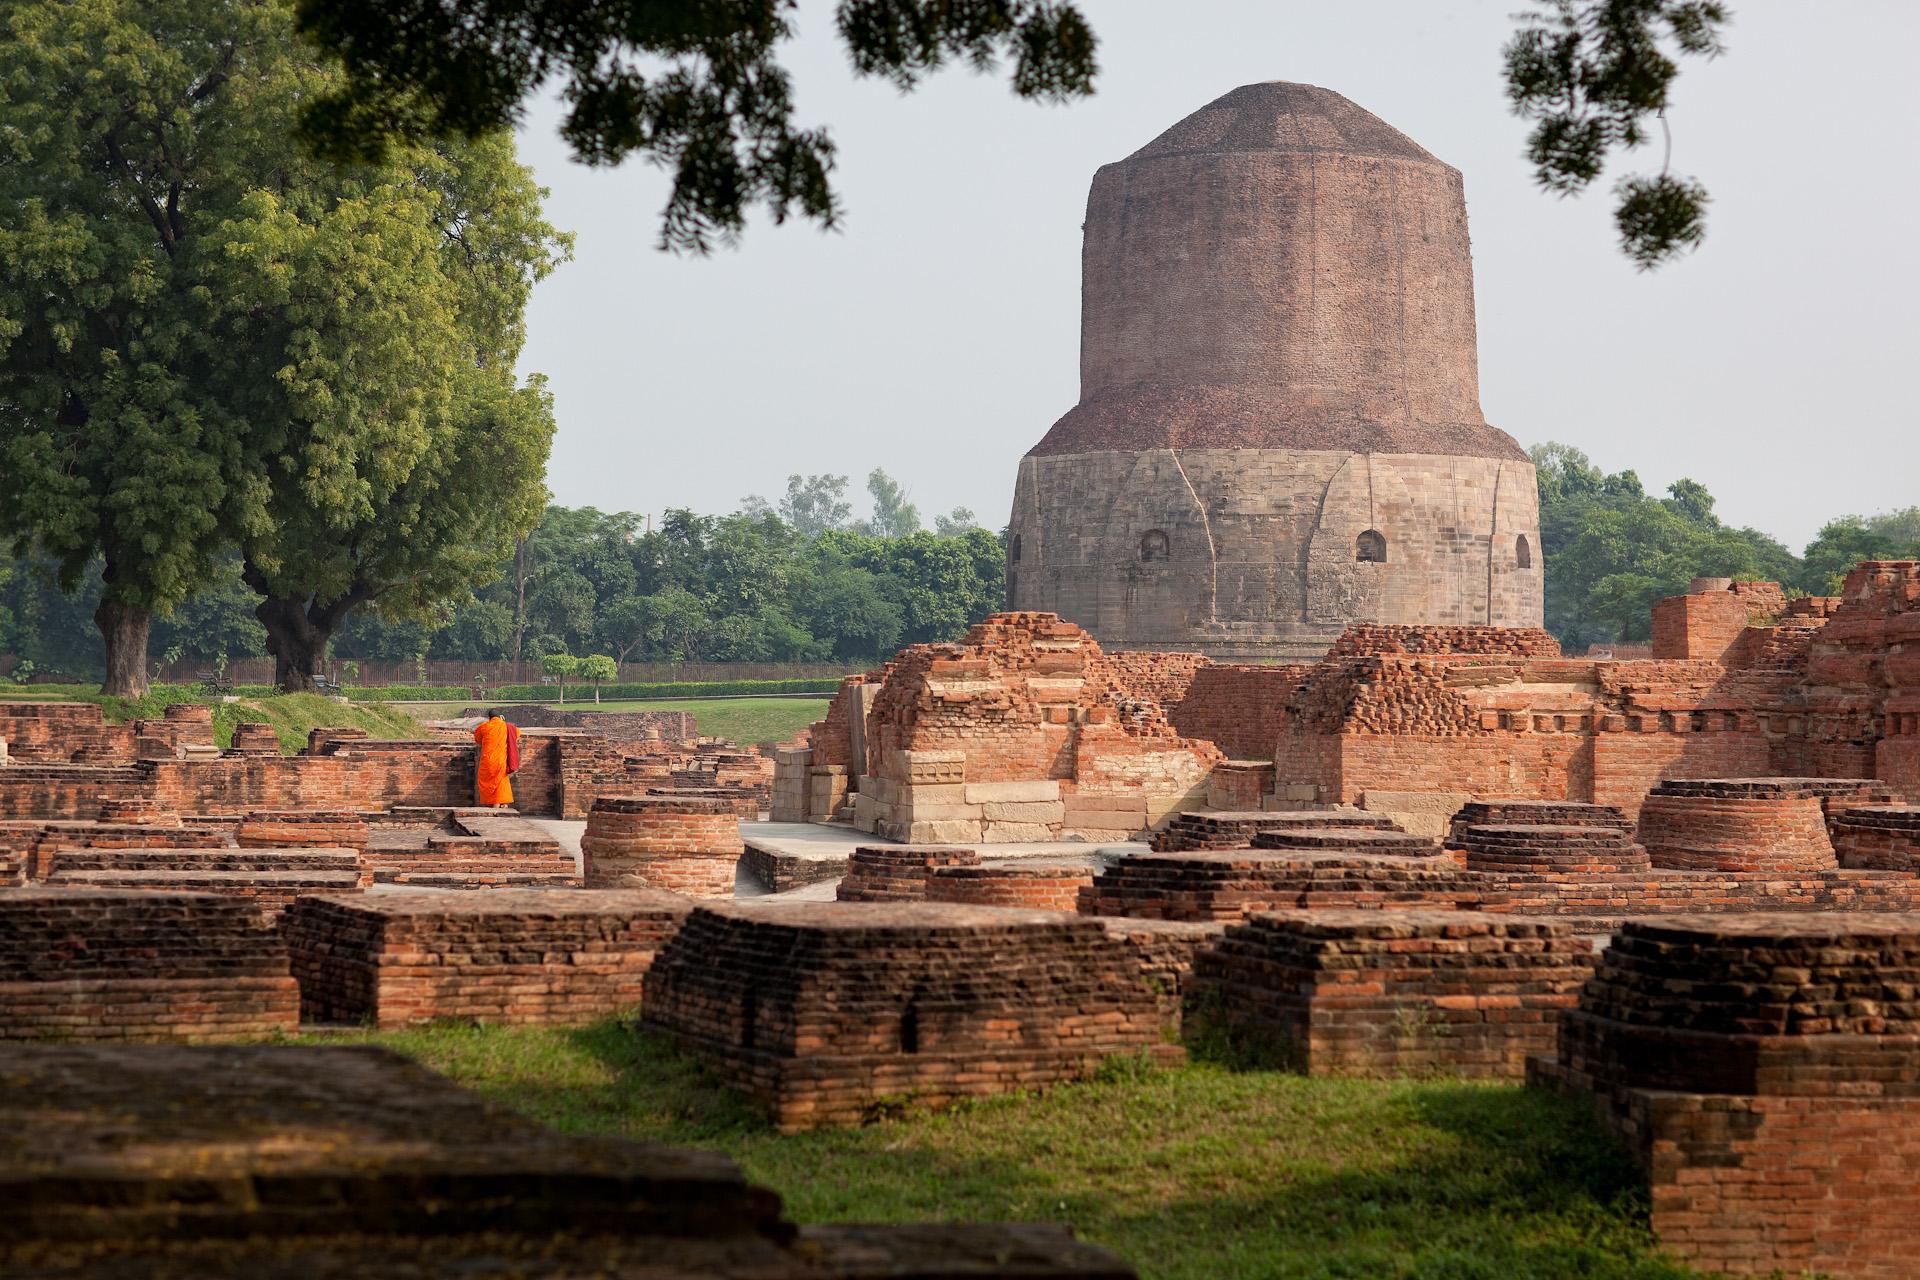 India-Travel-Varanasi-Saranath-Buddhism-Buddha-Temple.JPG